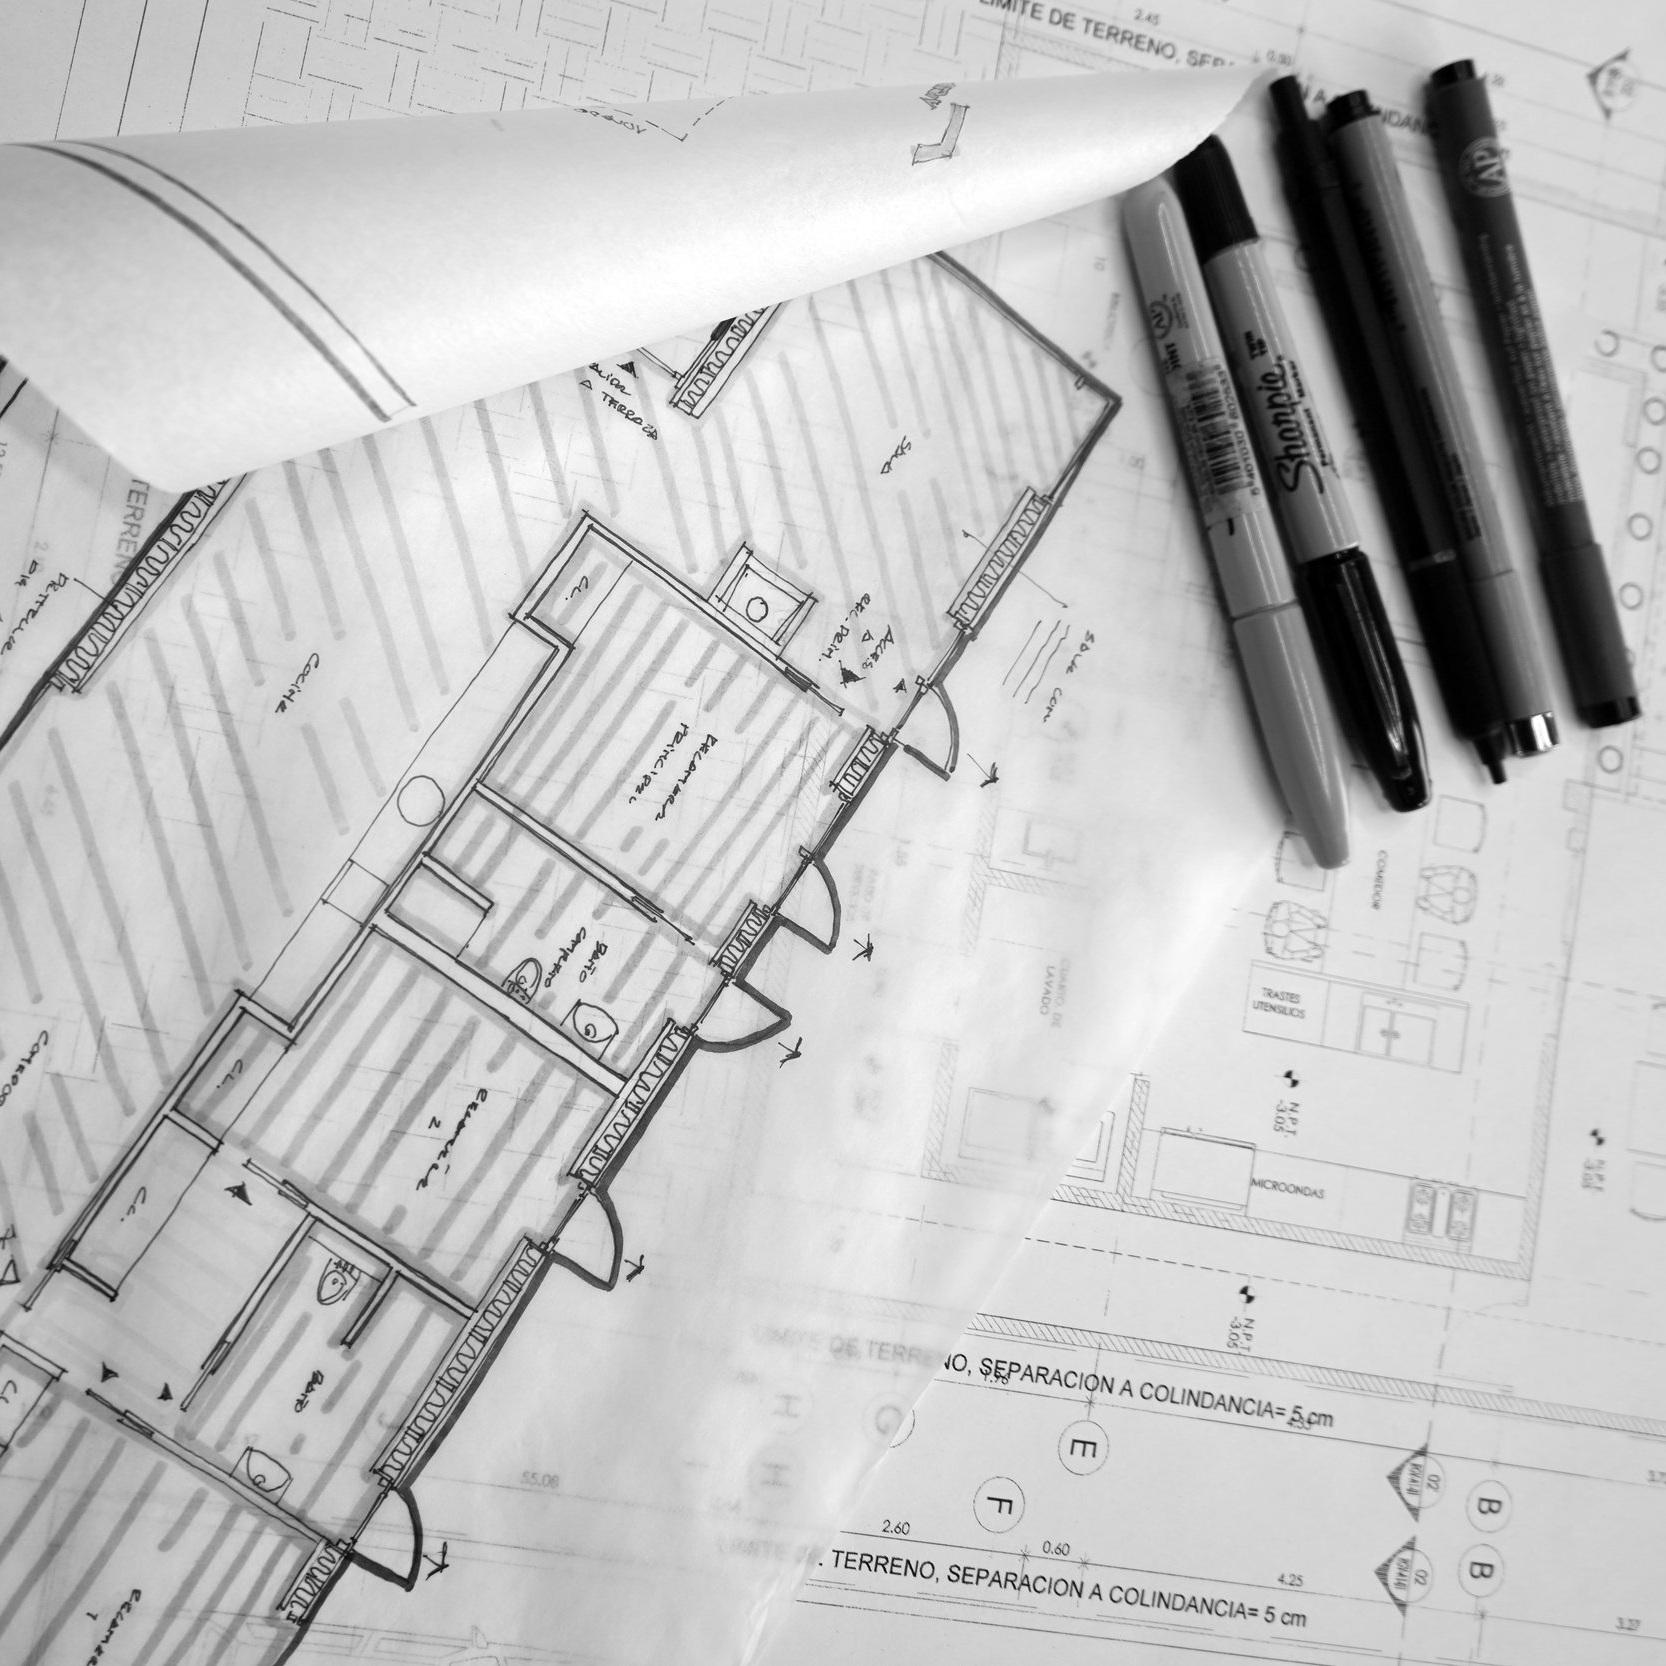 ¿Qué Necesito? - Haznos saber con qué documentación cuentas para tu proyecto: deslinde catastral, ubicación, medidas de terreno, fotografías del lugar, lista de espacios, planos, etc.